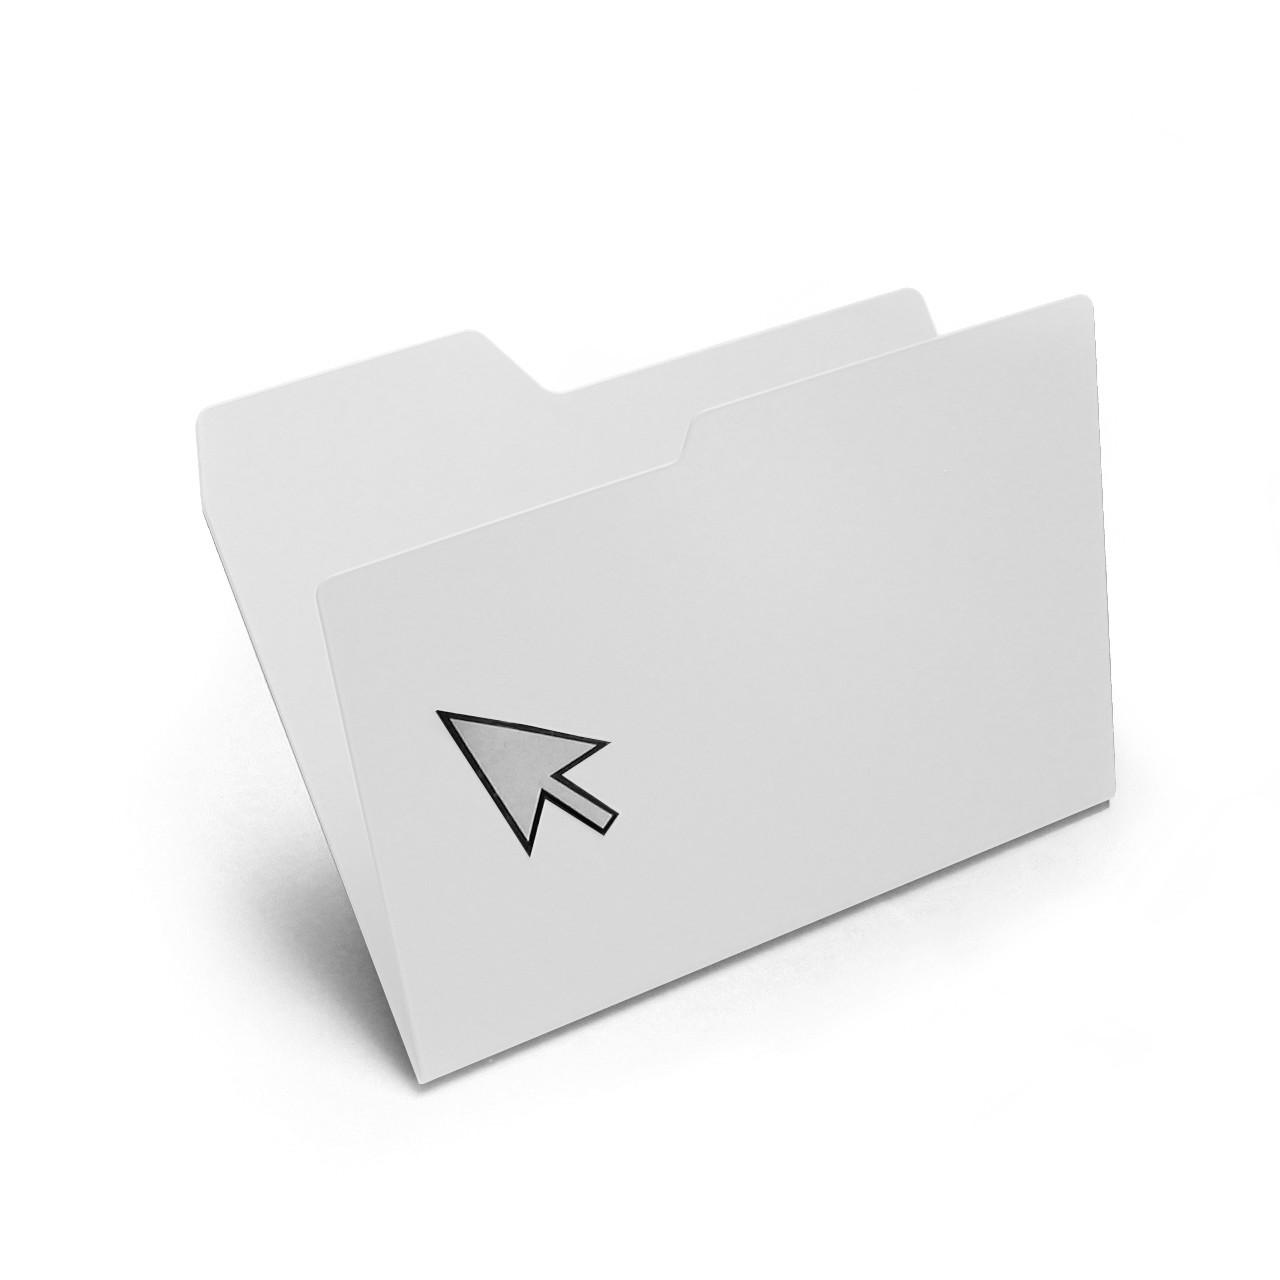 New Folder Magazine Rack White, Standard